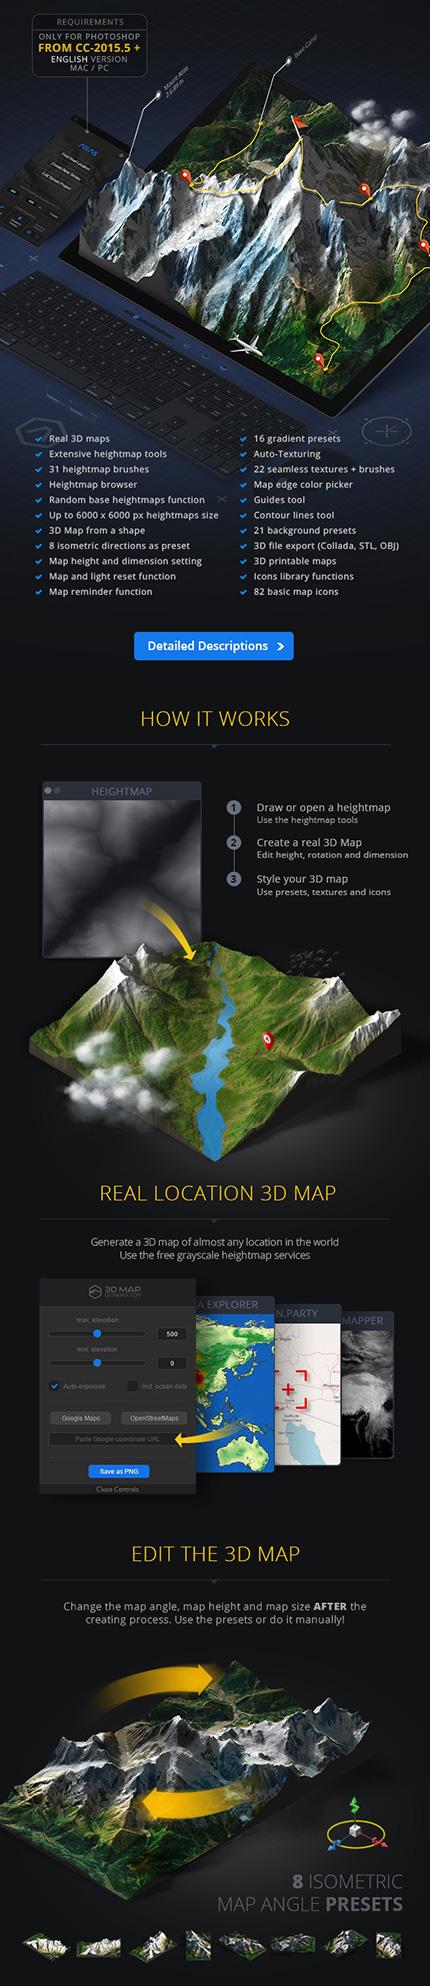 دانلود پلاگین فتوشاپ ساخت نقشه سه بعدی اطلس از گرافیک ریور